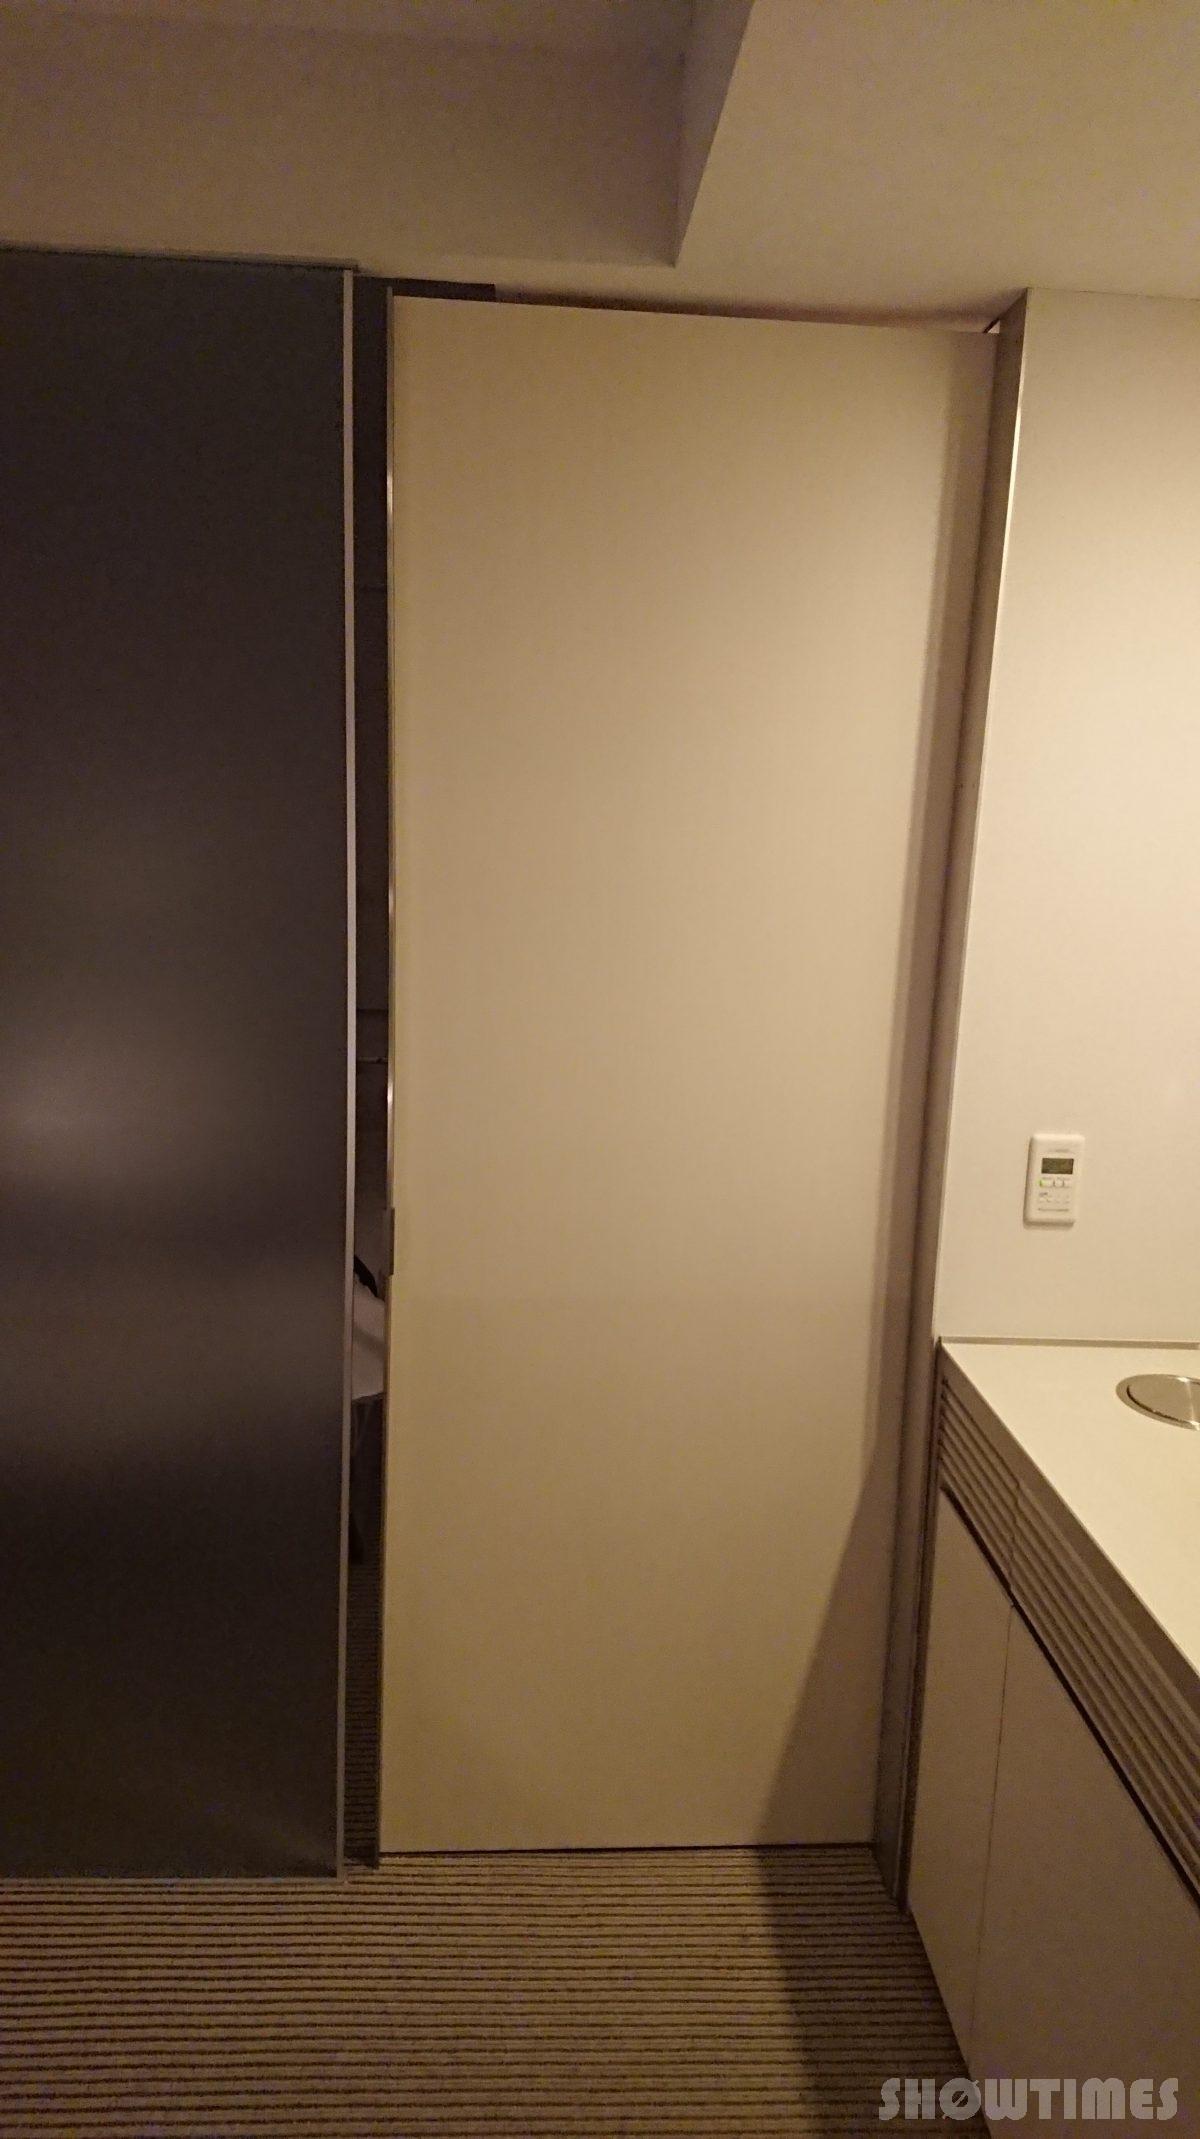 センチュリーロイヤルホテルエクスクルーシヴフロアのクローゼットドア